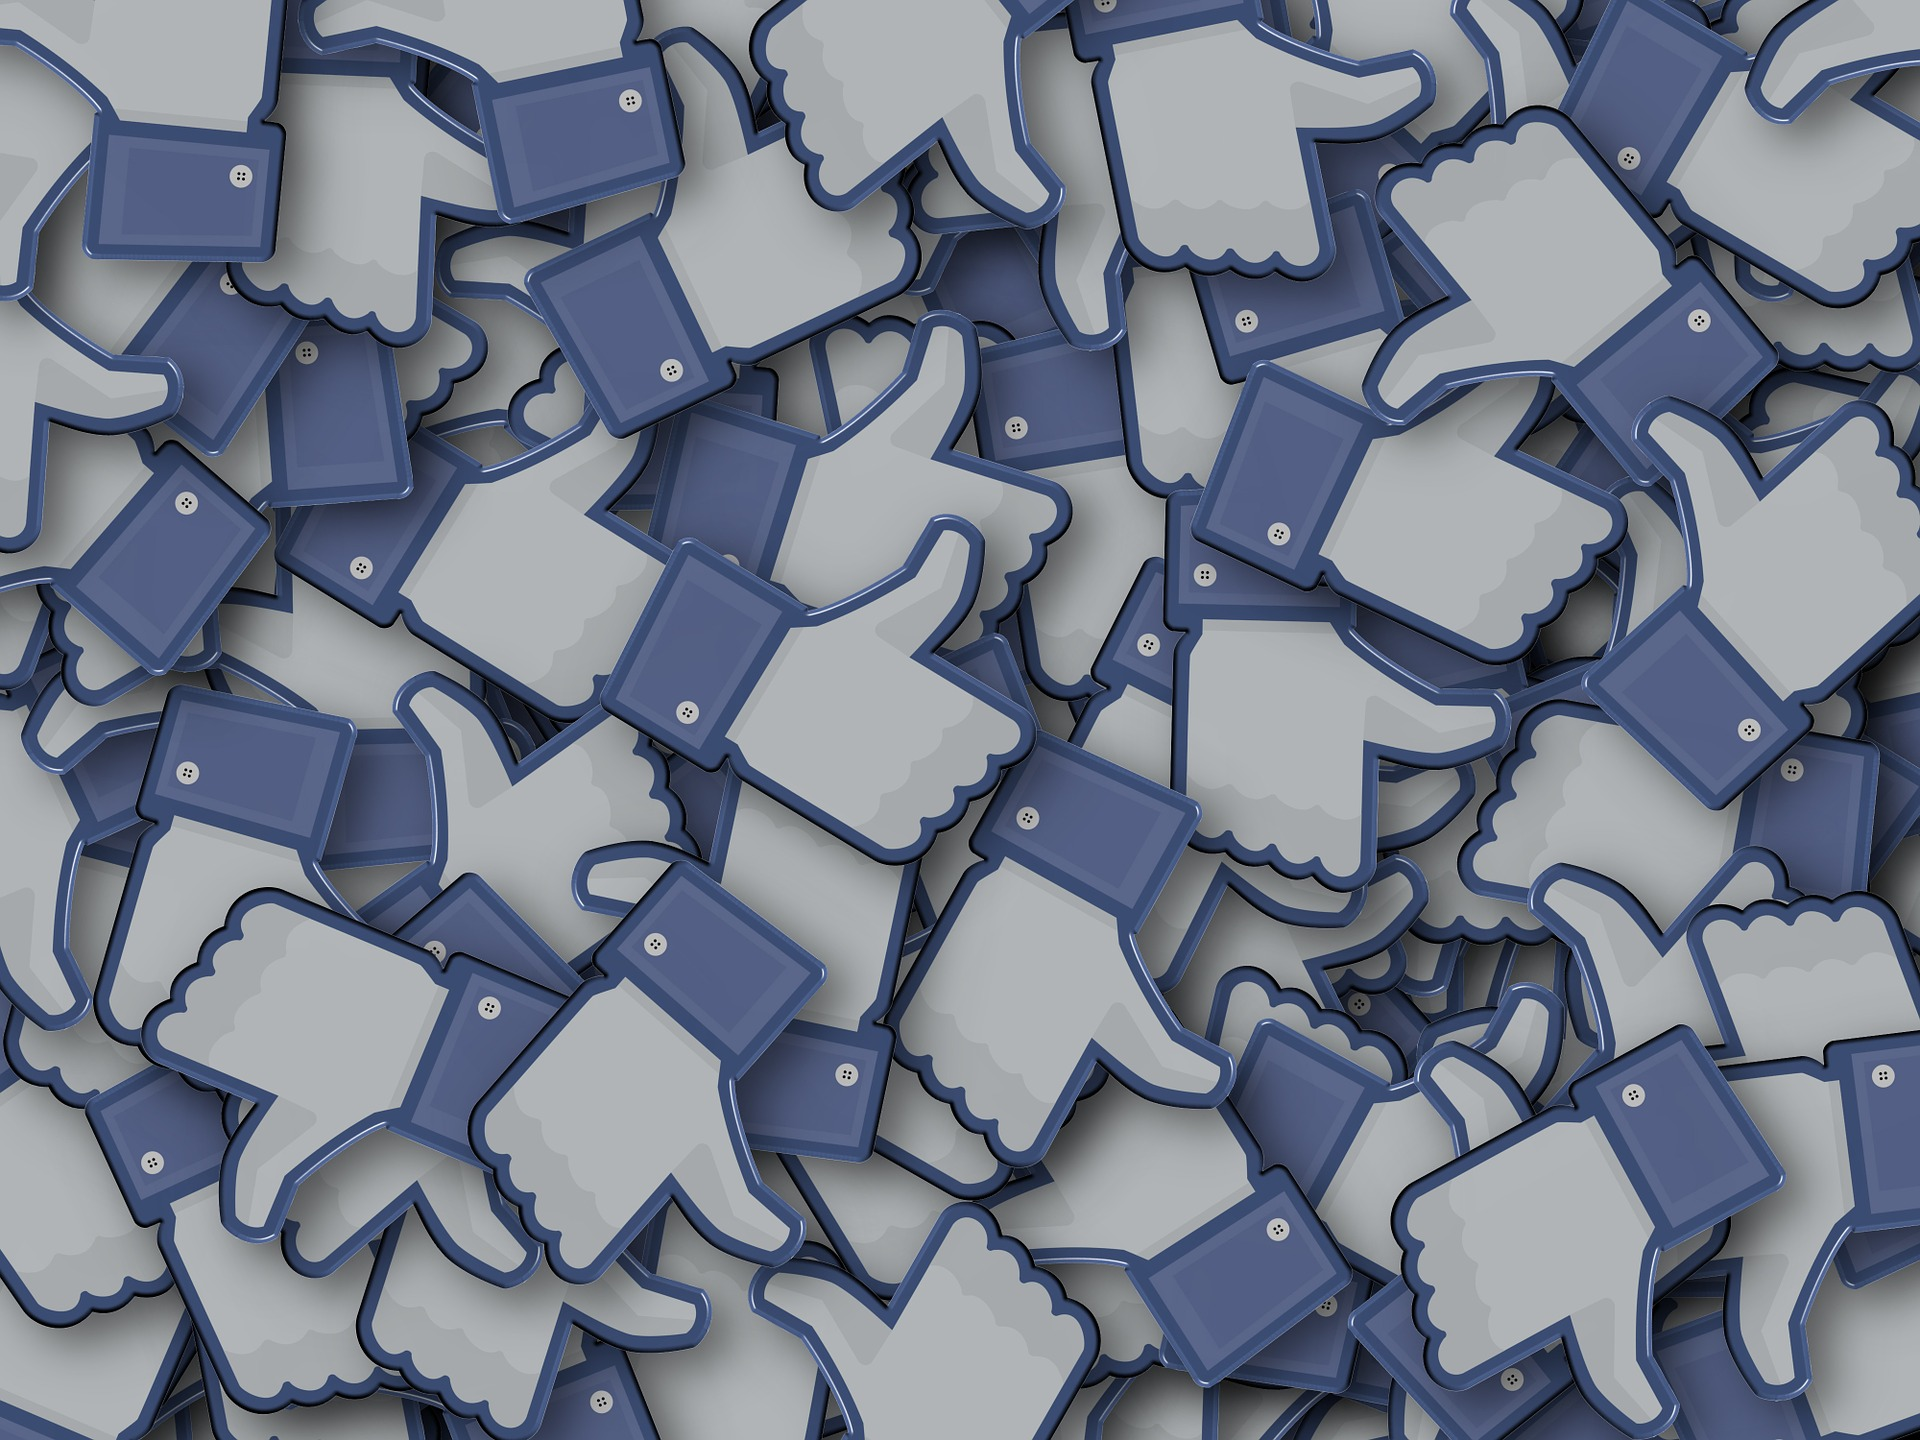 Facebook gasta 50% mais em 2018; foco foi infraestrutura e segurança